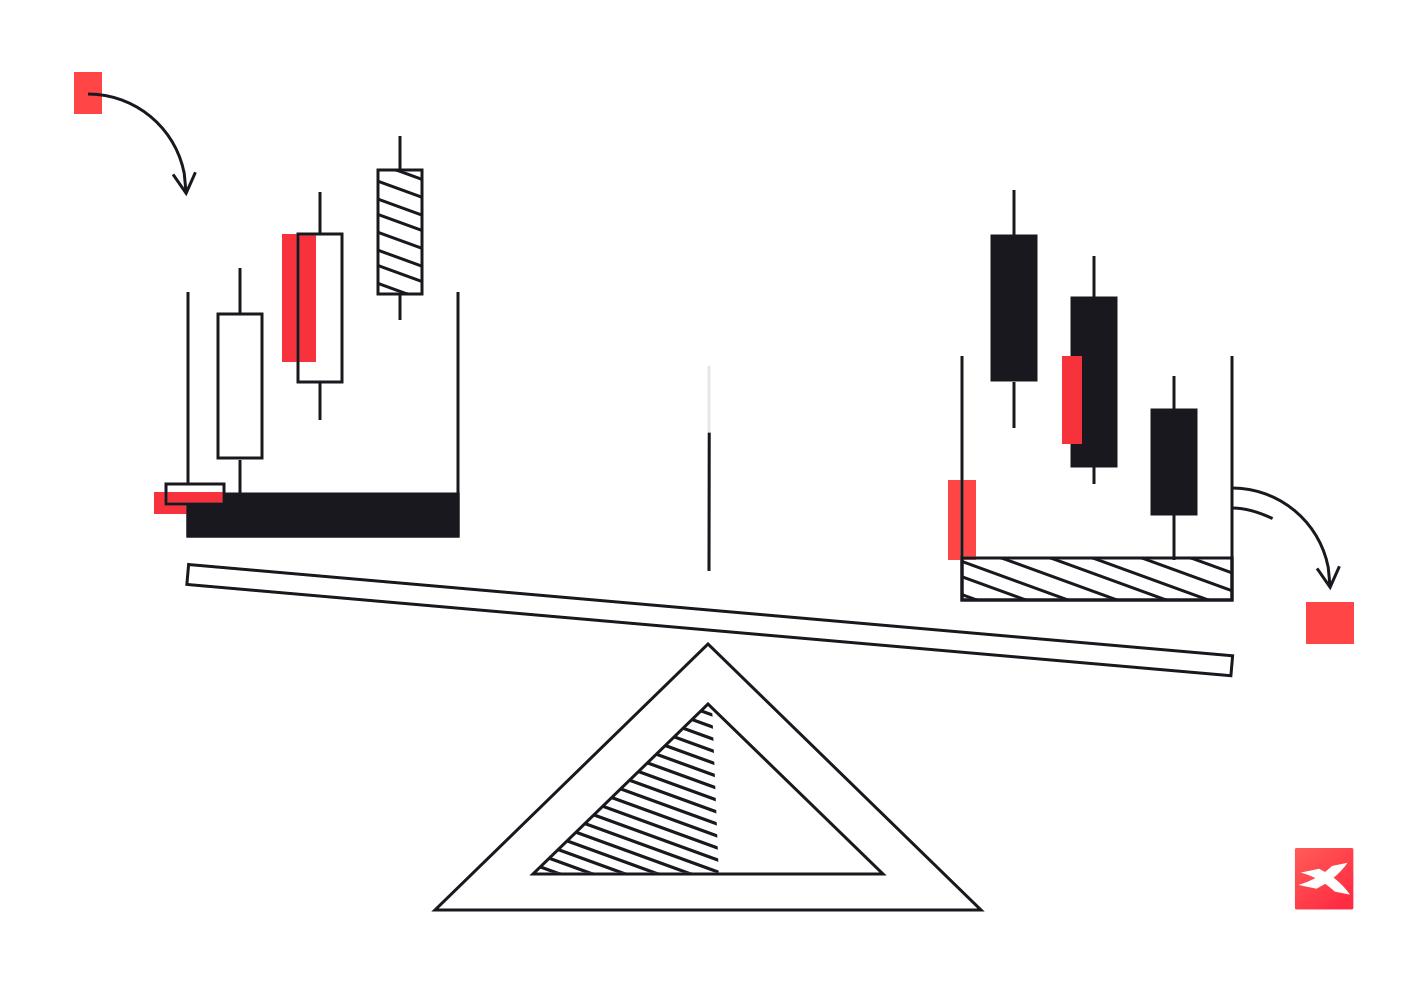 cont demo pe piața instrumentelor derivate